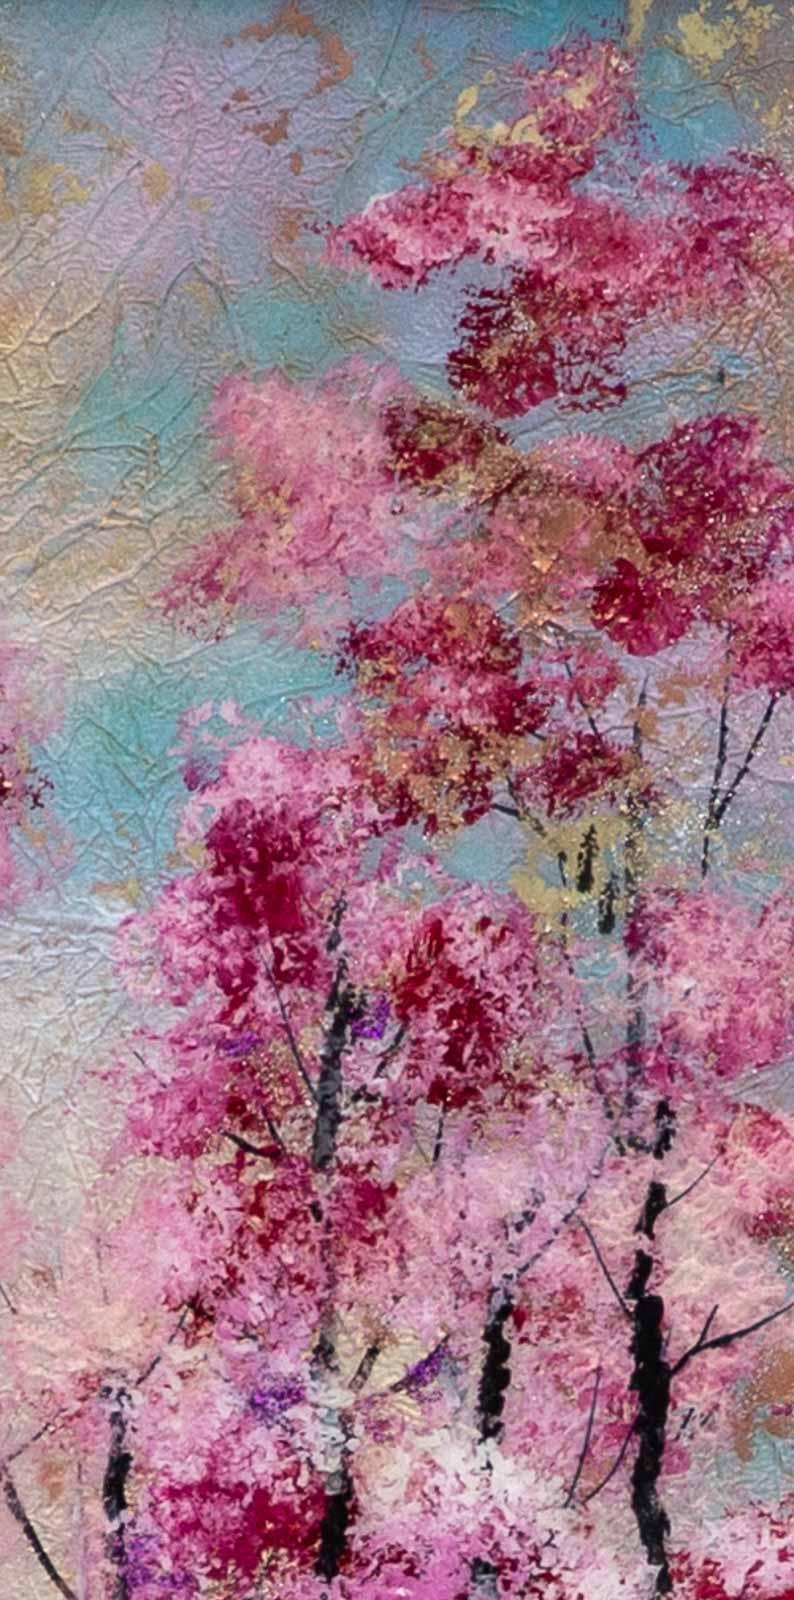 Through the Cherry Blossom